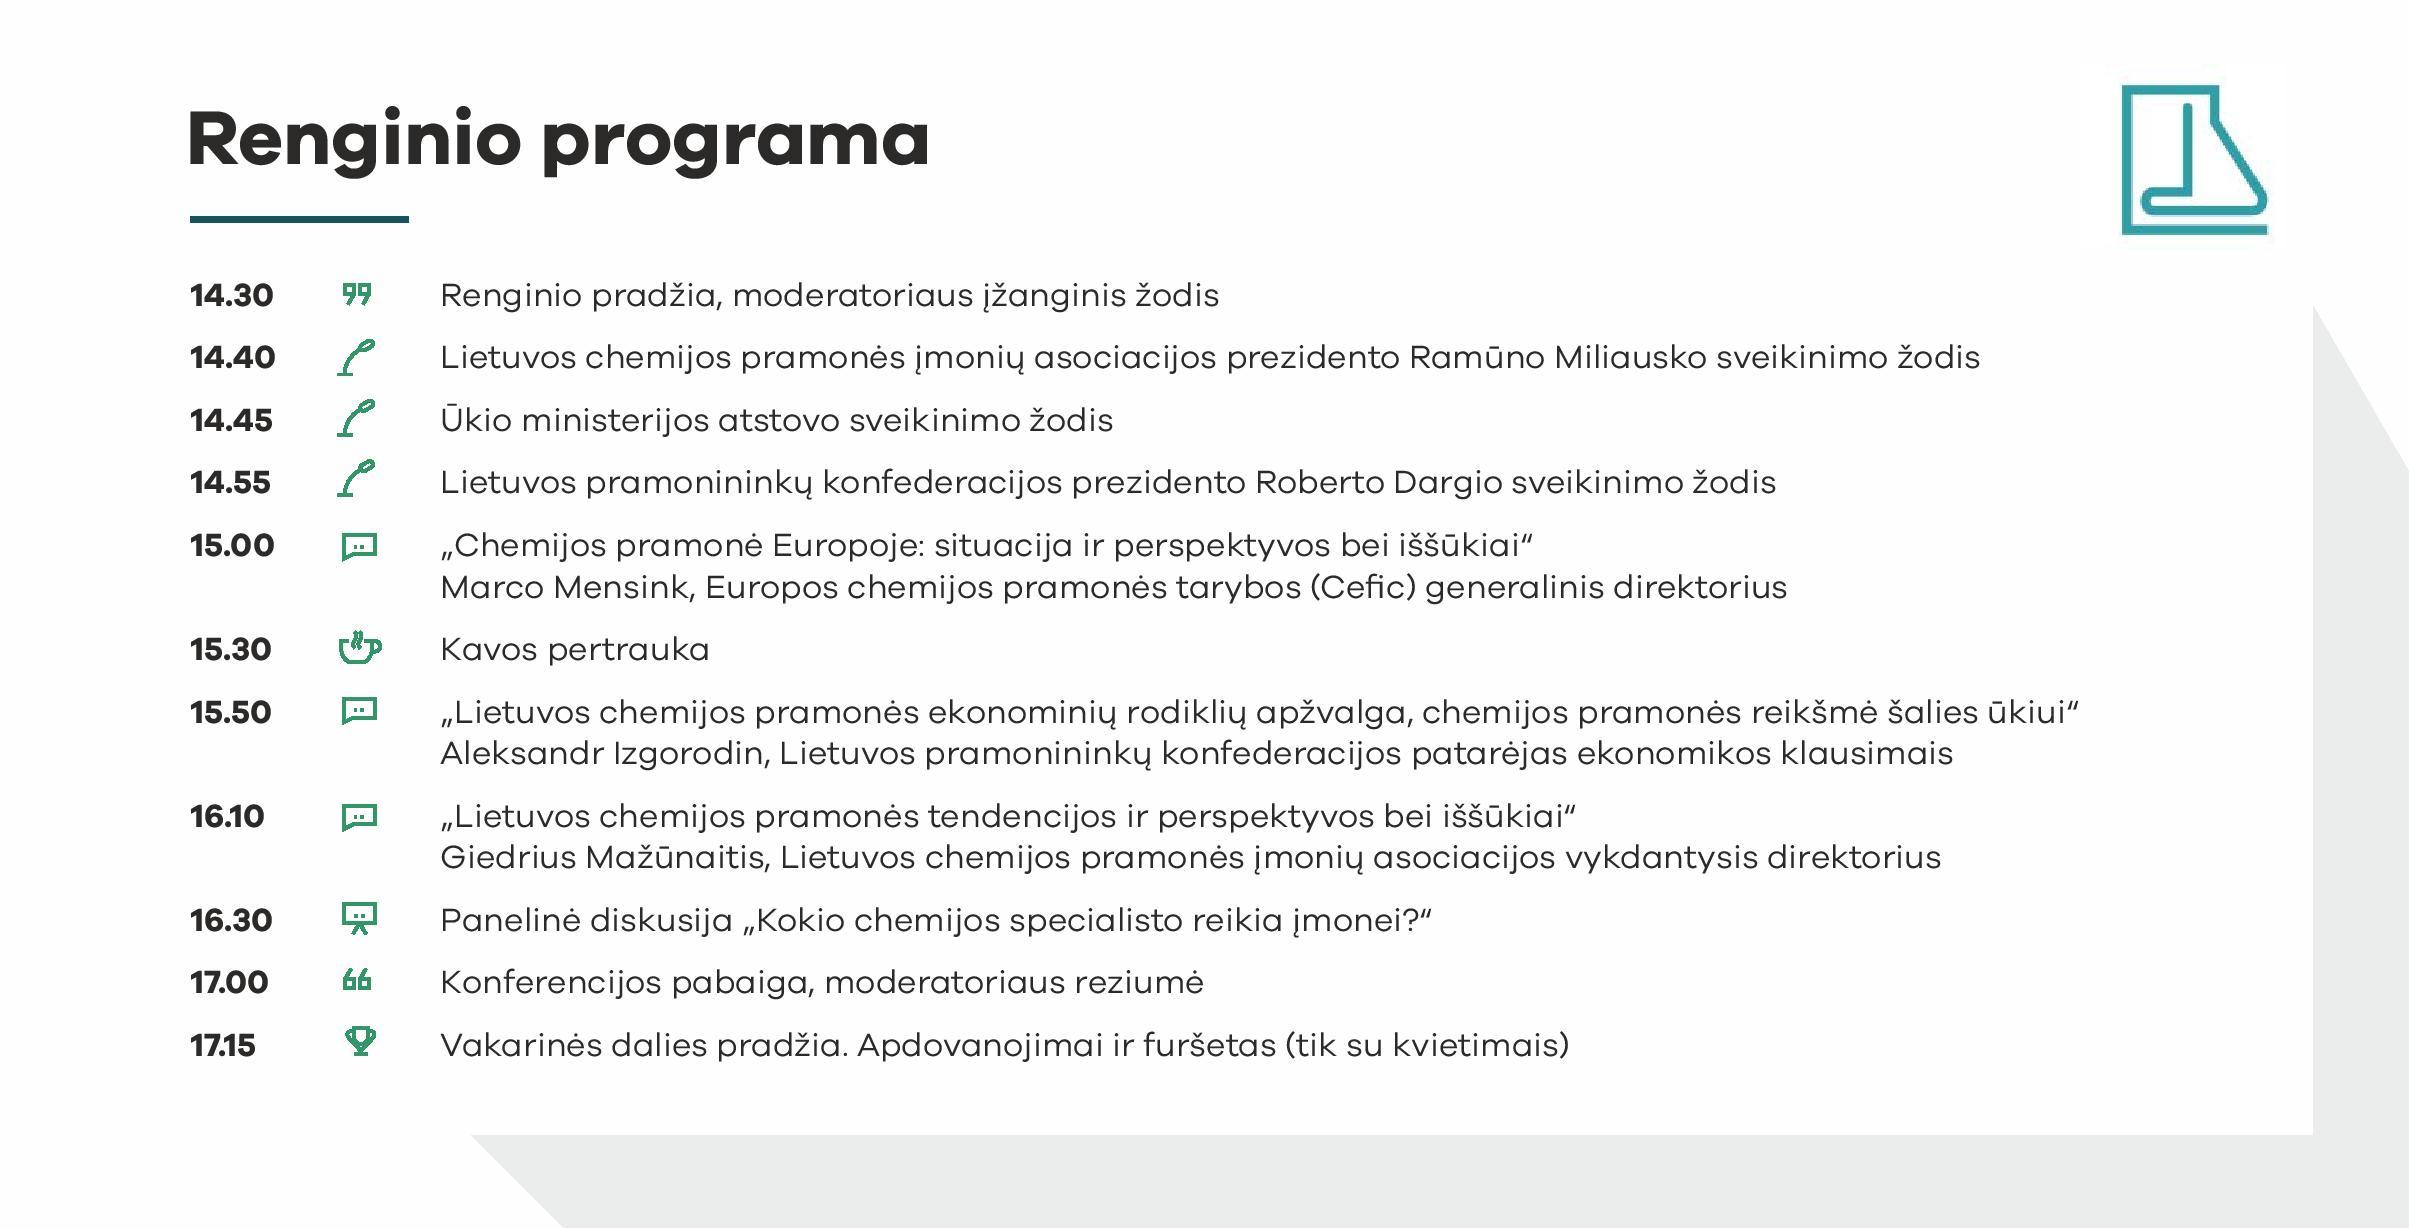 Renginio Programa